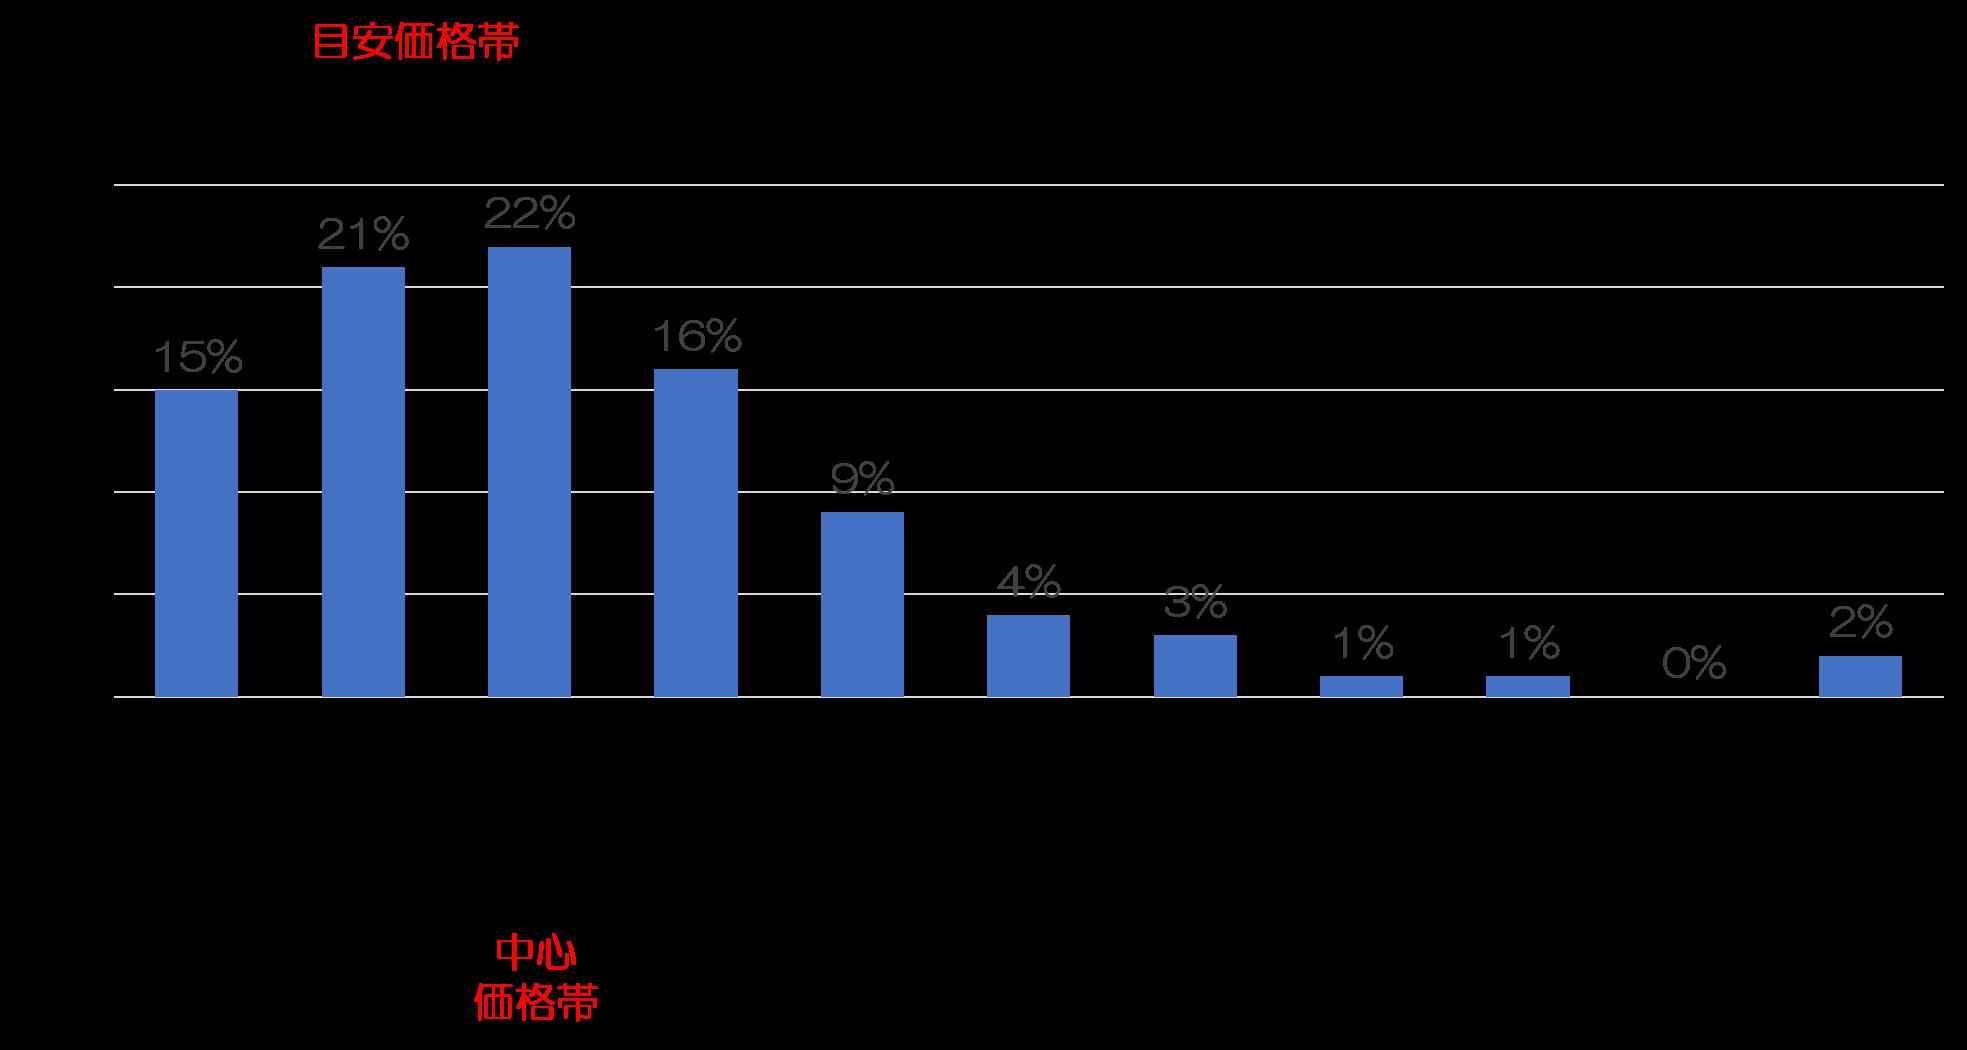 戸建のキッチンリフォーム費用の統計、中心価格帯・目安価格帯